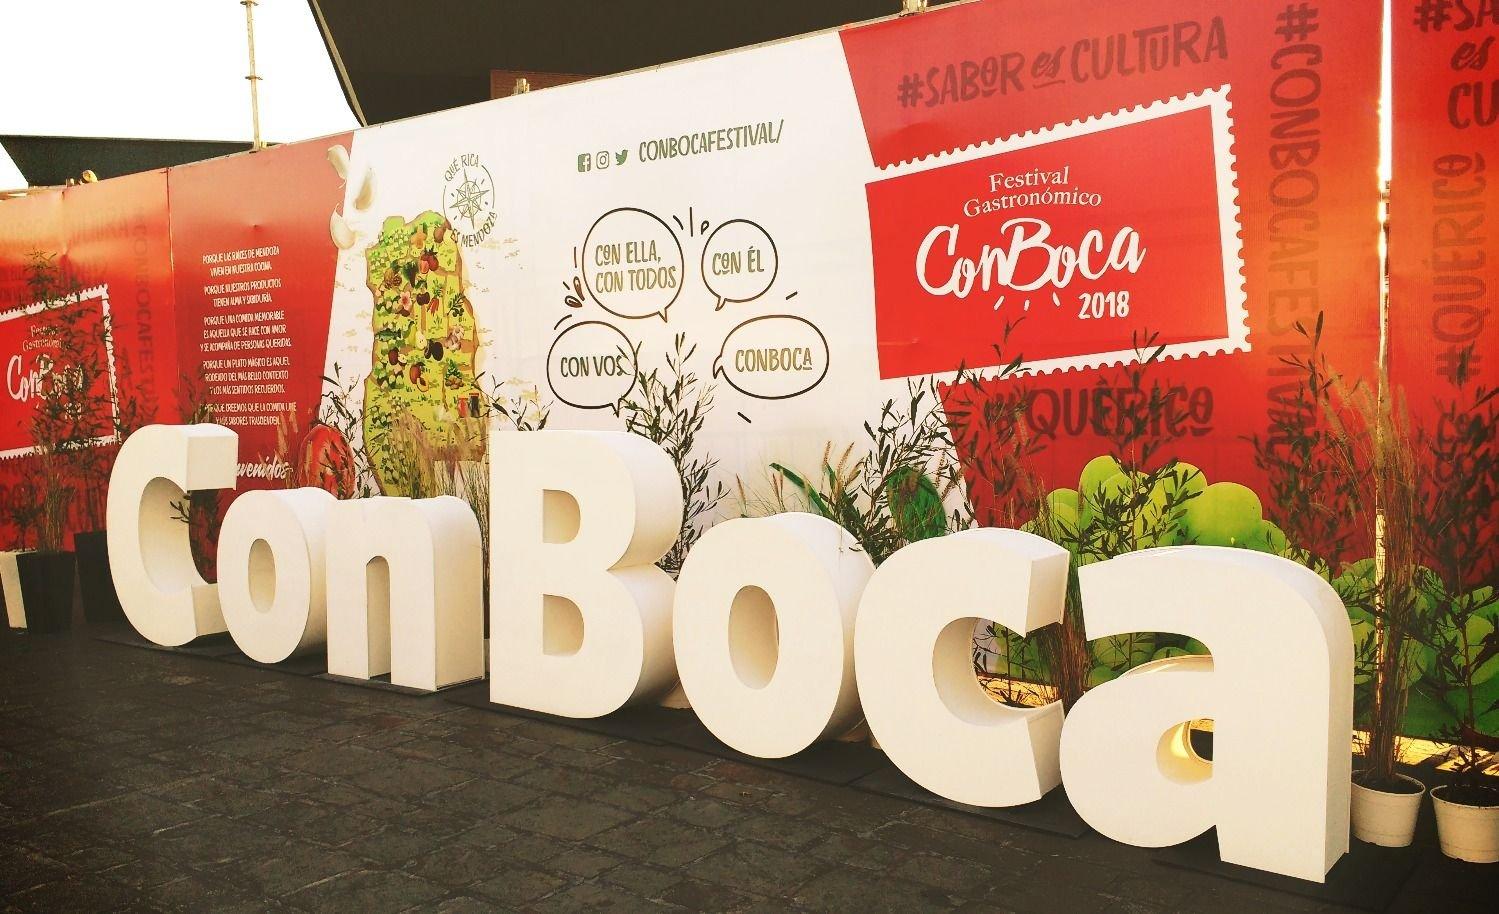 MENDOZA | Comenzó el festival ConBoca 2018 en el Arena Maipú